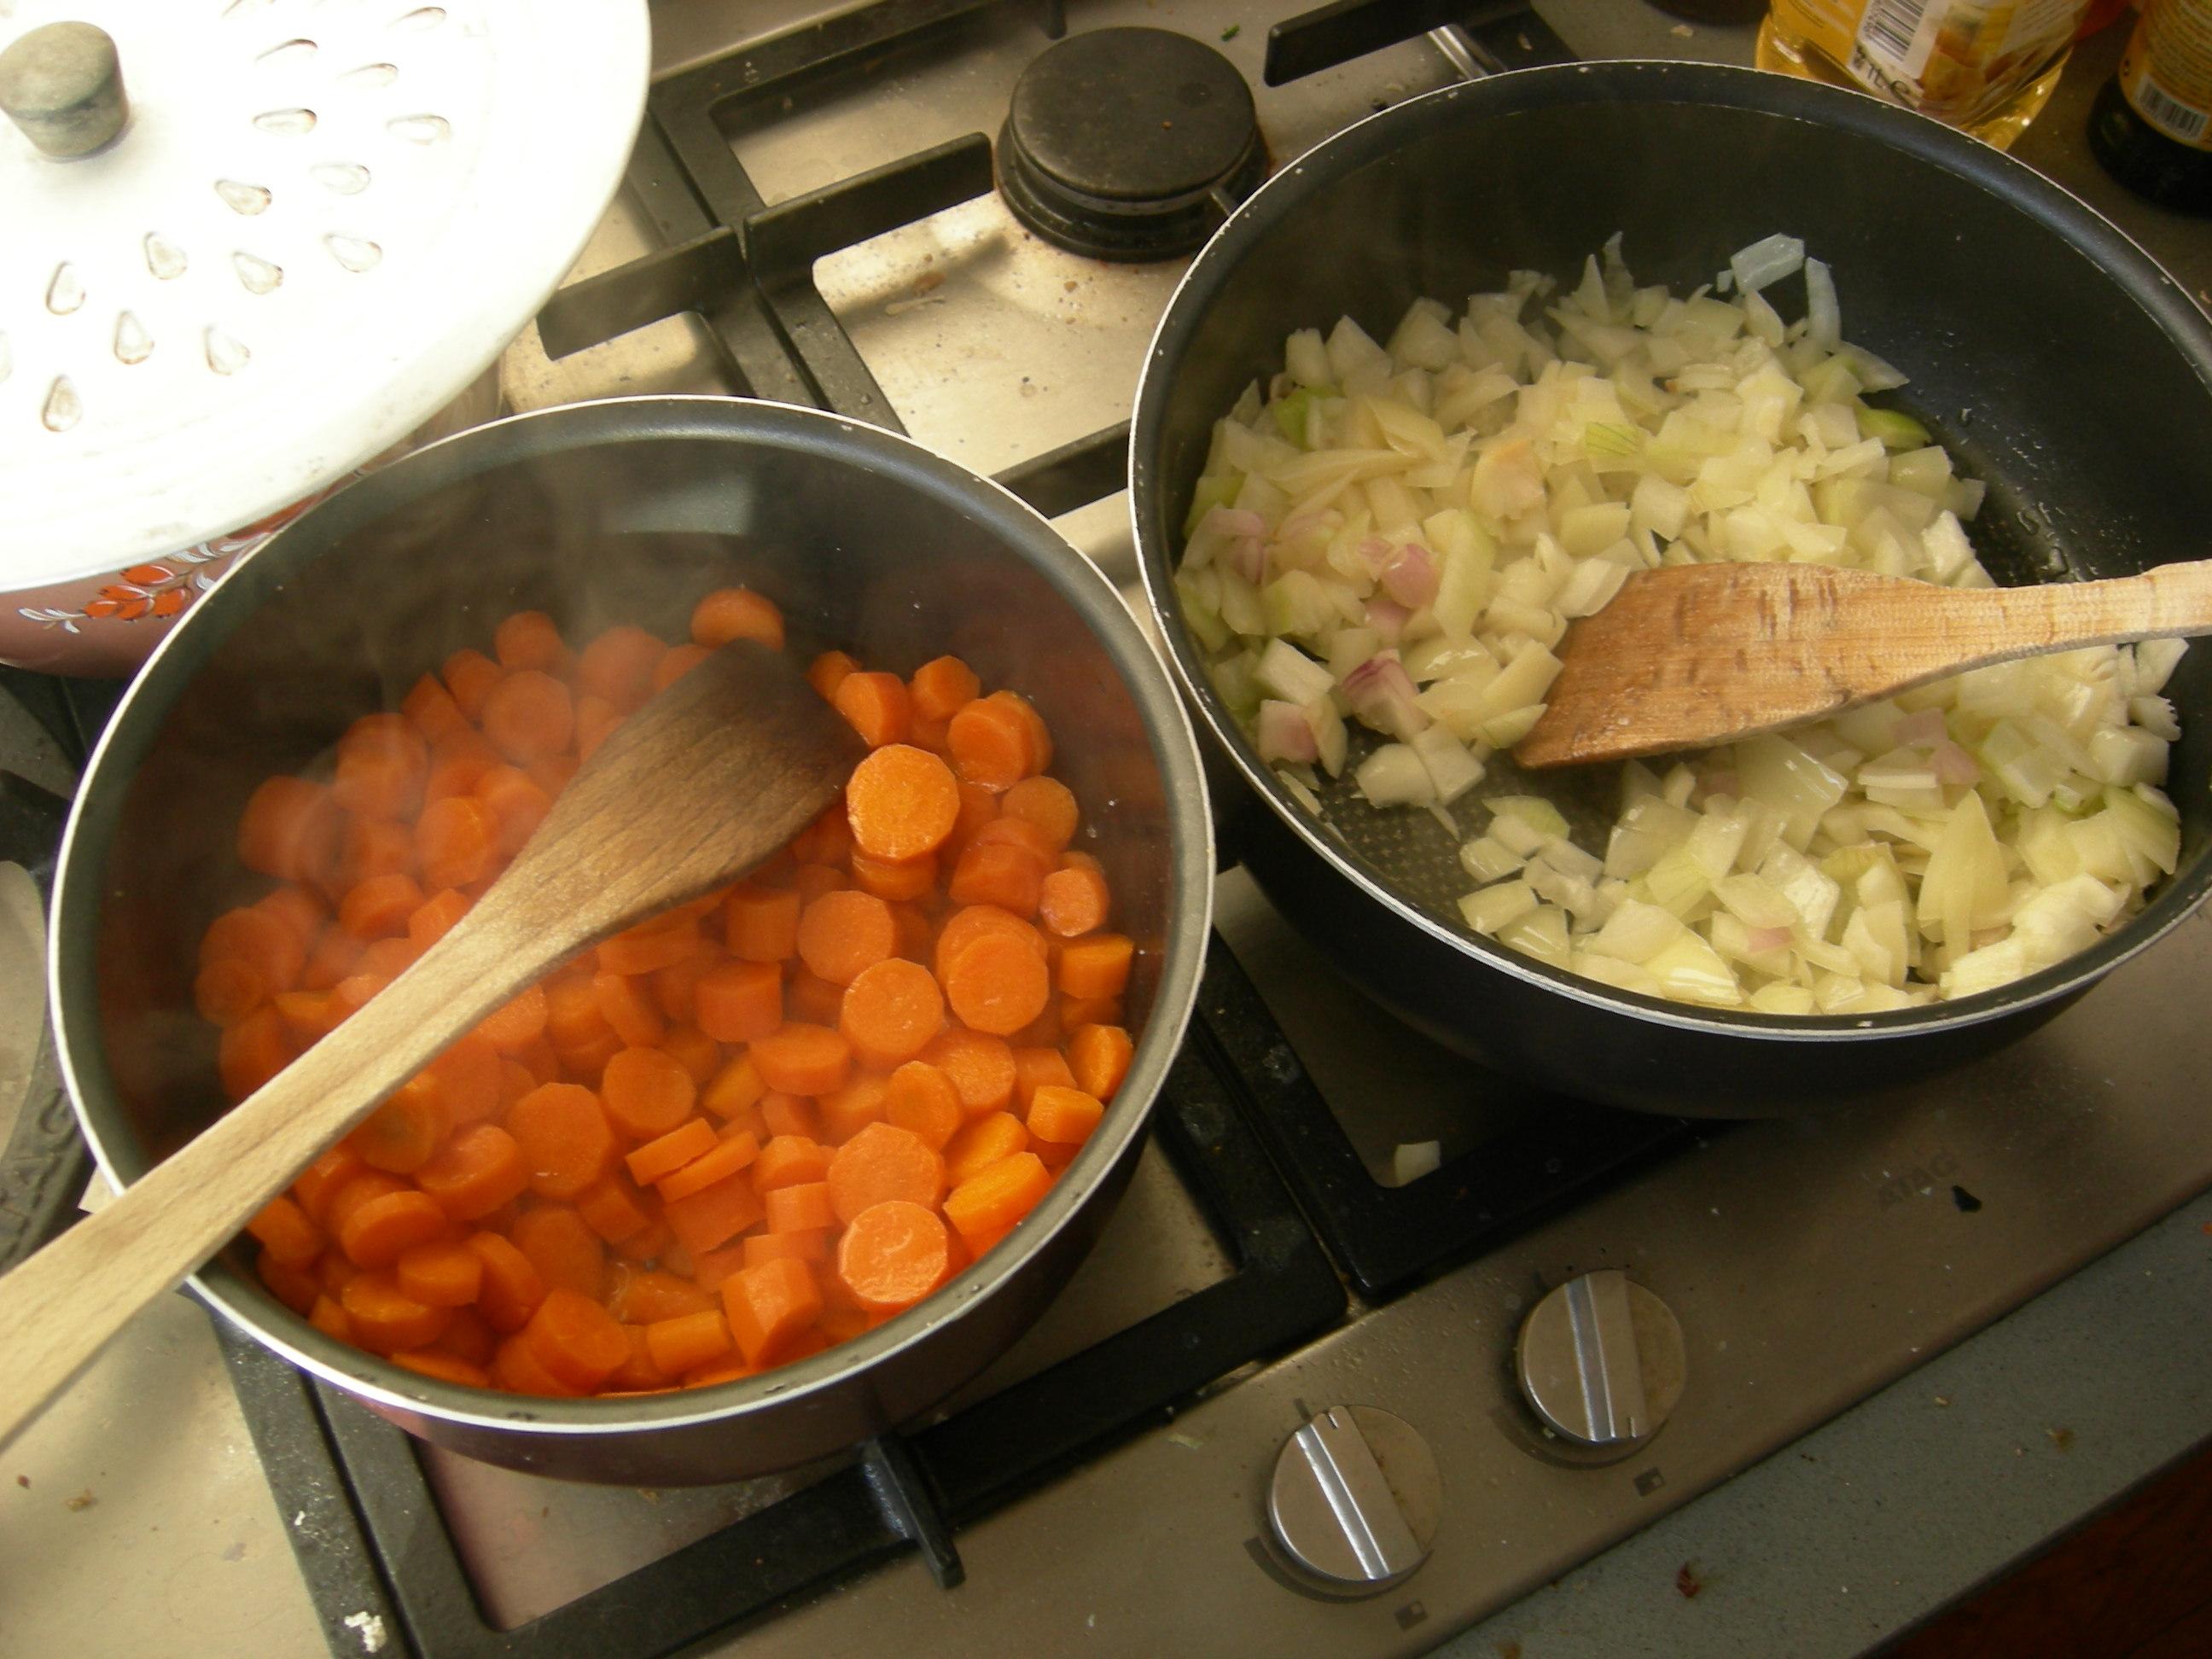 La recette du plat de notre repas de mariage : le hachis parmentier de canard made in Gezillig